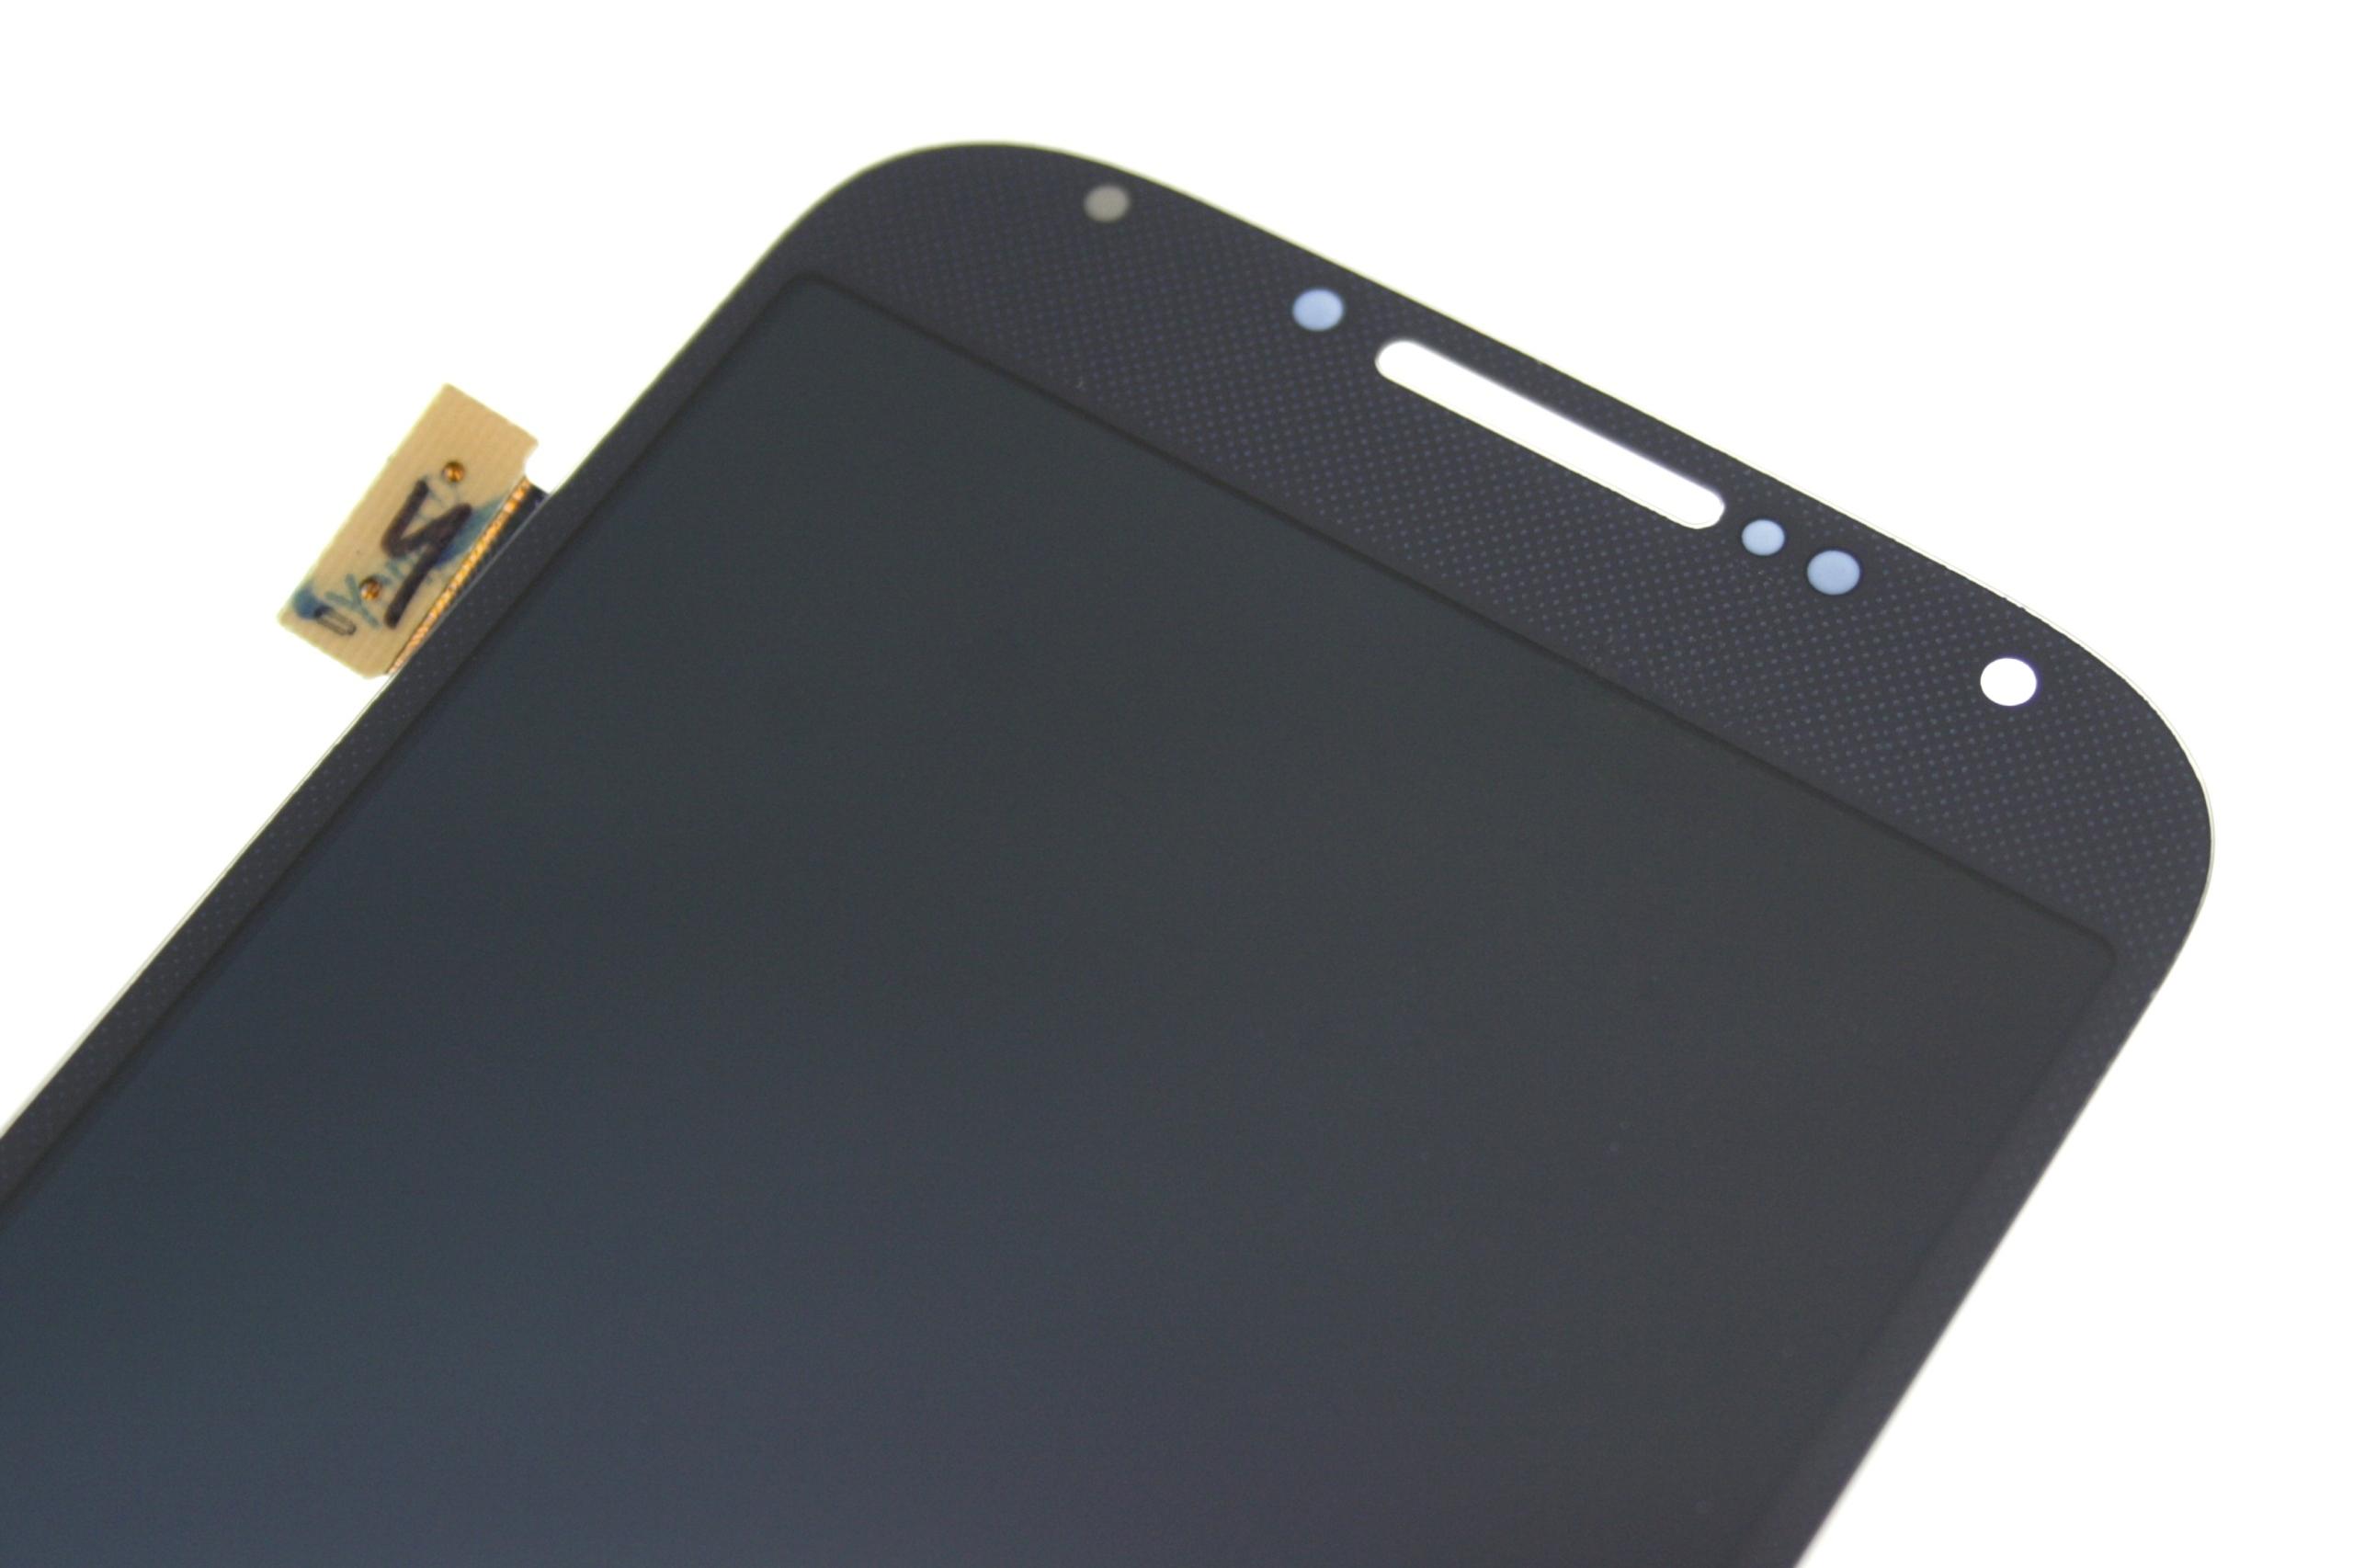 LCD WYŚWIETLACZ SAMSUNG GALAXY S4 VE I9515 I9506